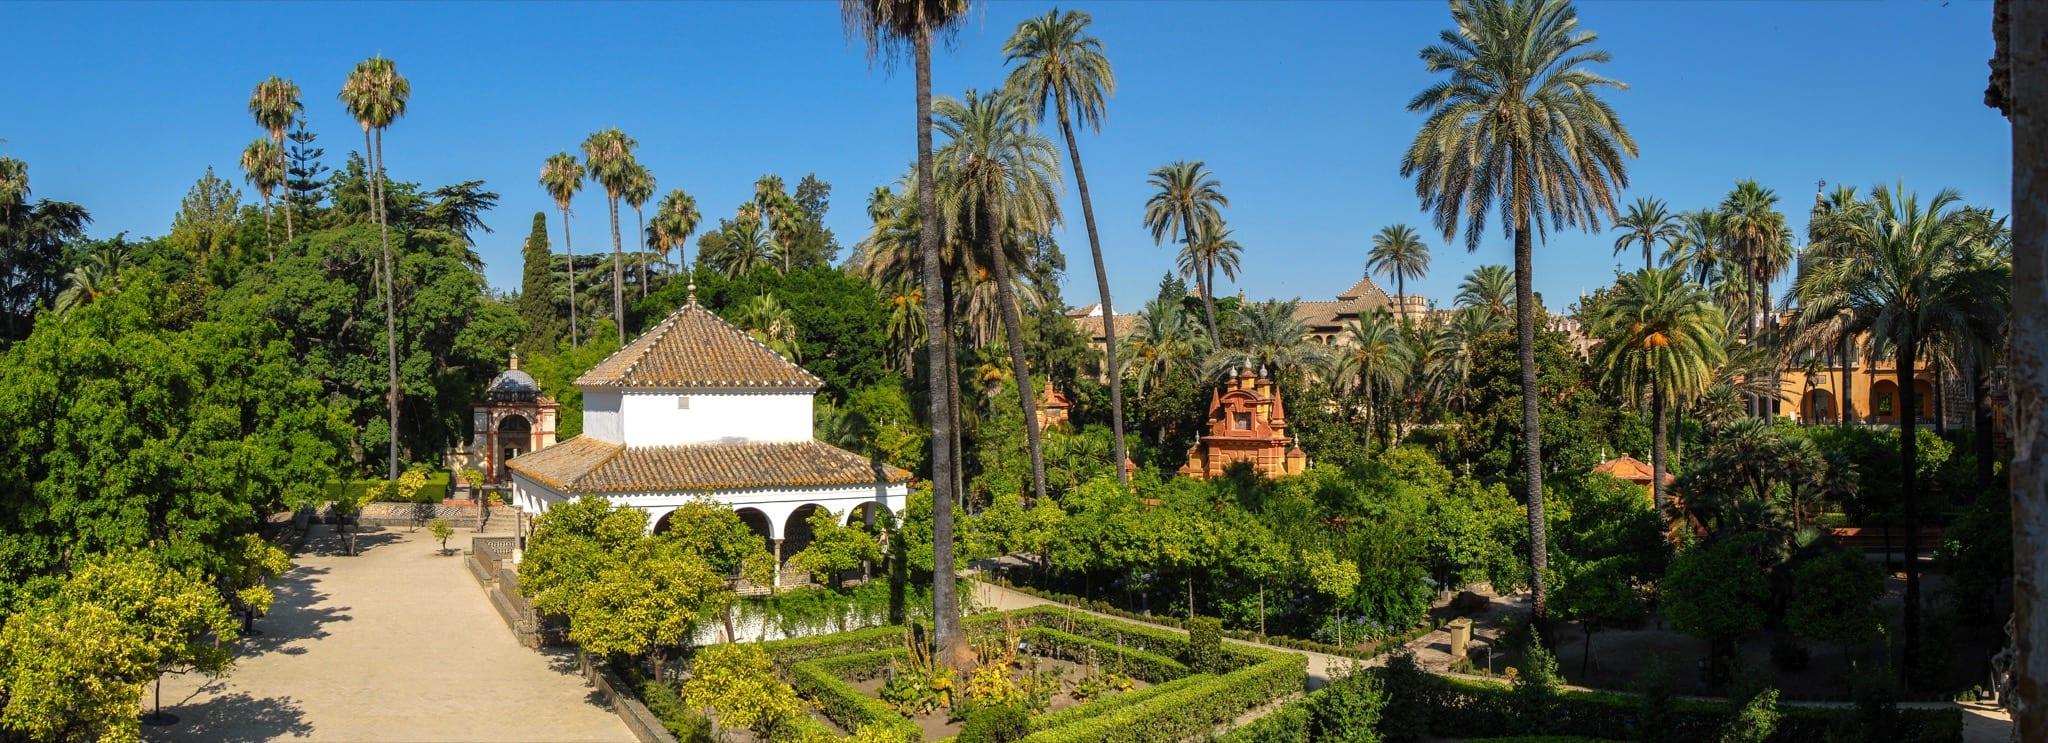 """Sevilla Alcazar 03 copy - Palatul Alcázar din Sevilla, vedeta din """"Game of Thrones"""" și filmul """"Lawrence al Arabiei"""""""